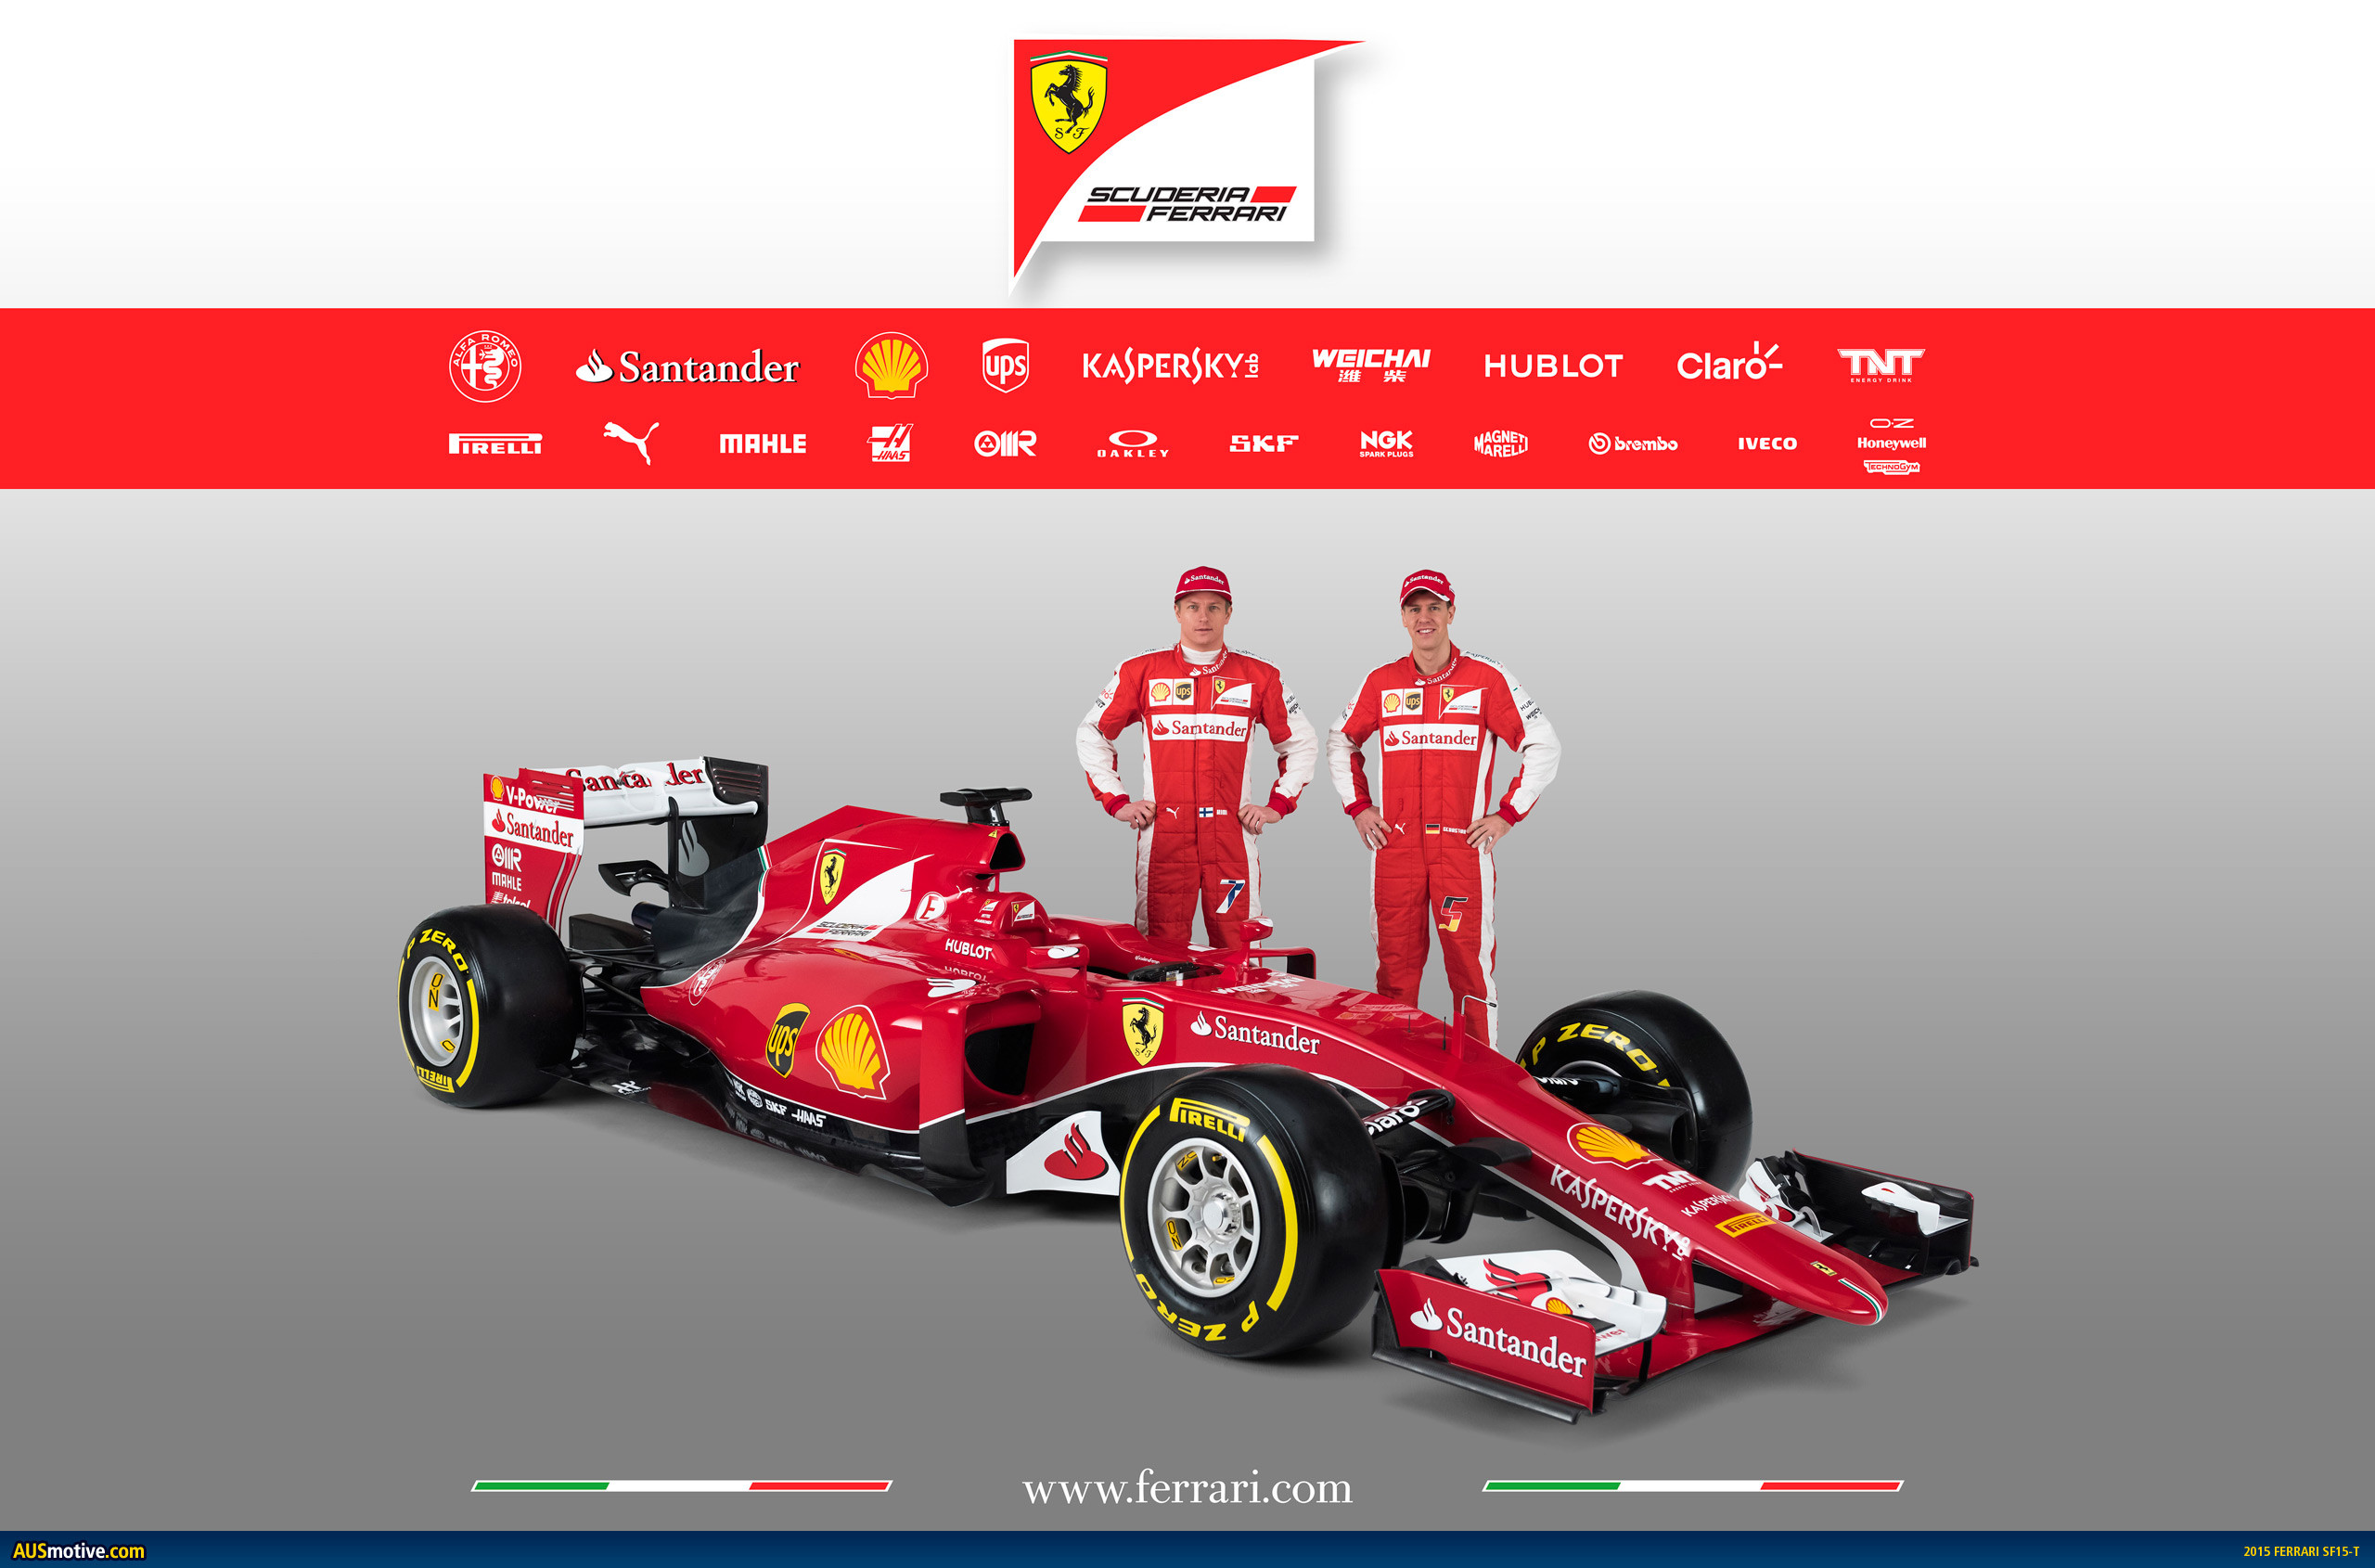 Scuderia Ferrari Wallpapers 73 Pictures